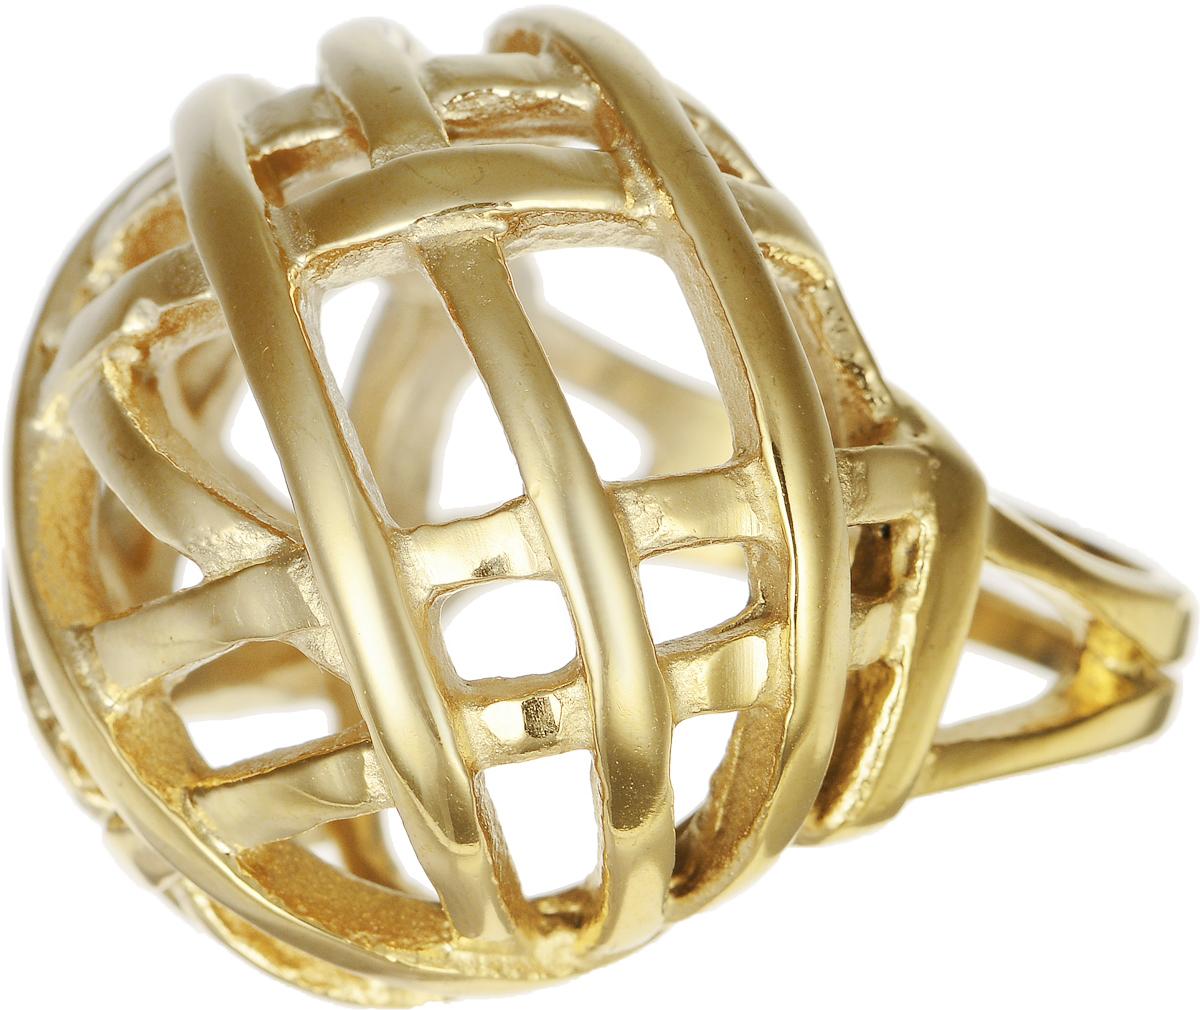 Кольцо Polina Selezneva, цвет: золотистый. DG-0014. Размер 18Коктейльное кольцоСтильное кольцо Polina Selezneva изготовлено из качественного металлического сплава и выполнено в оригинальном дизайне. Кольцо оформлено резным узором.